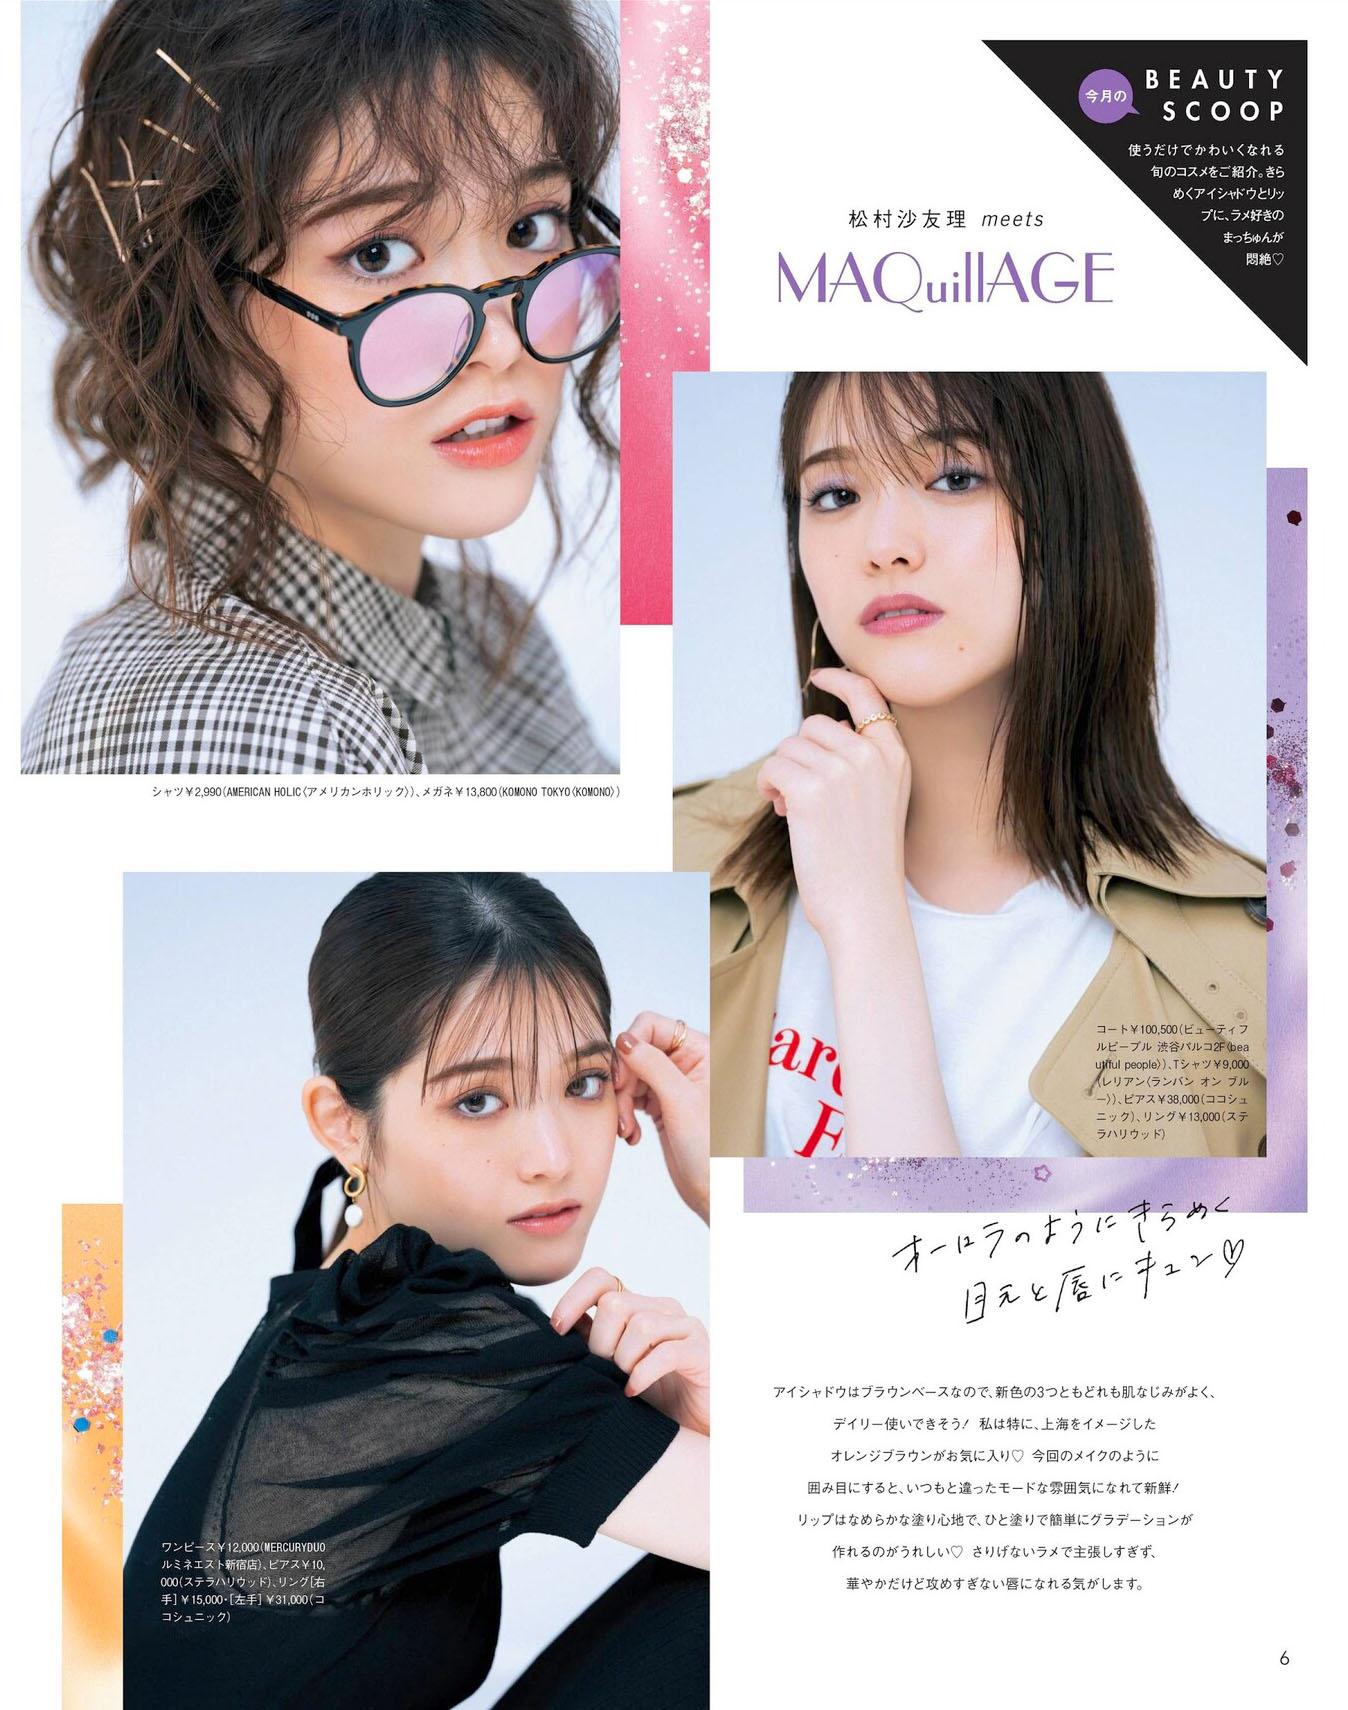 SMatsumura CanCam 2012 01.jpg